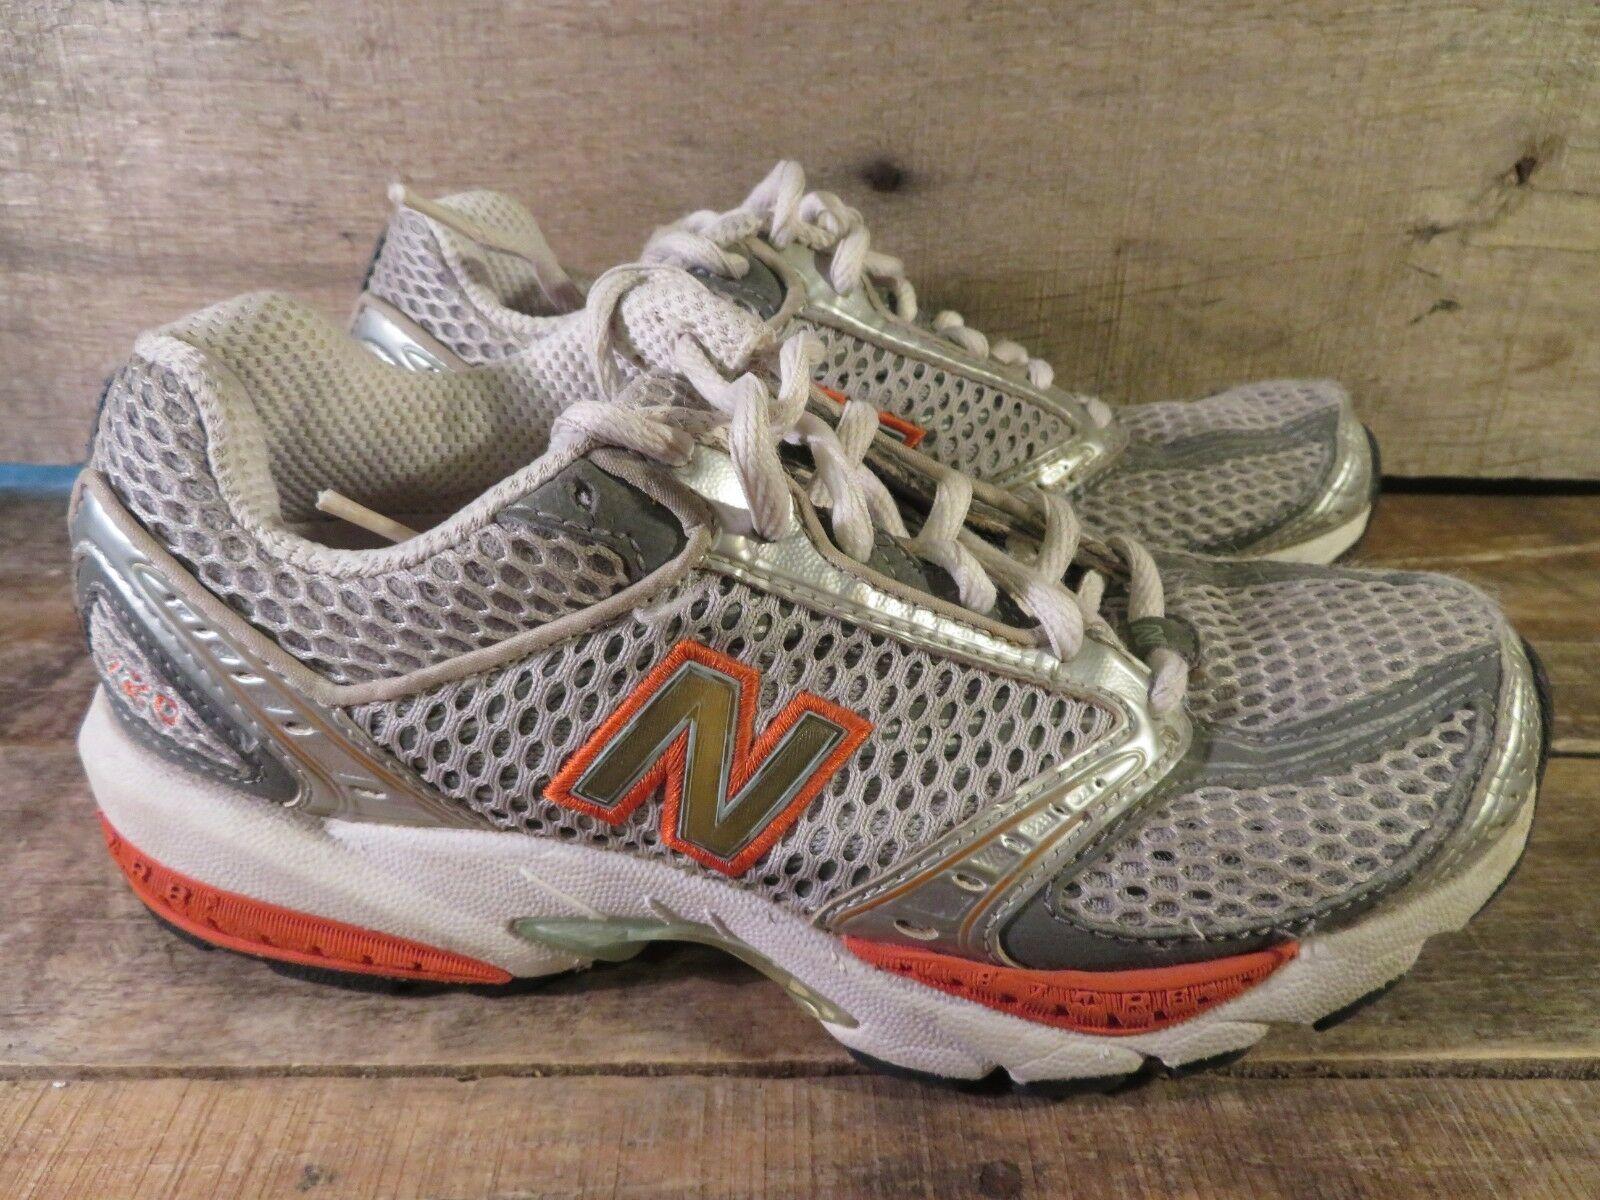 acheter en ligne cf476 dfbc0 New Balance Shoes (2000s): 36 listings